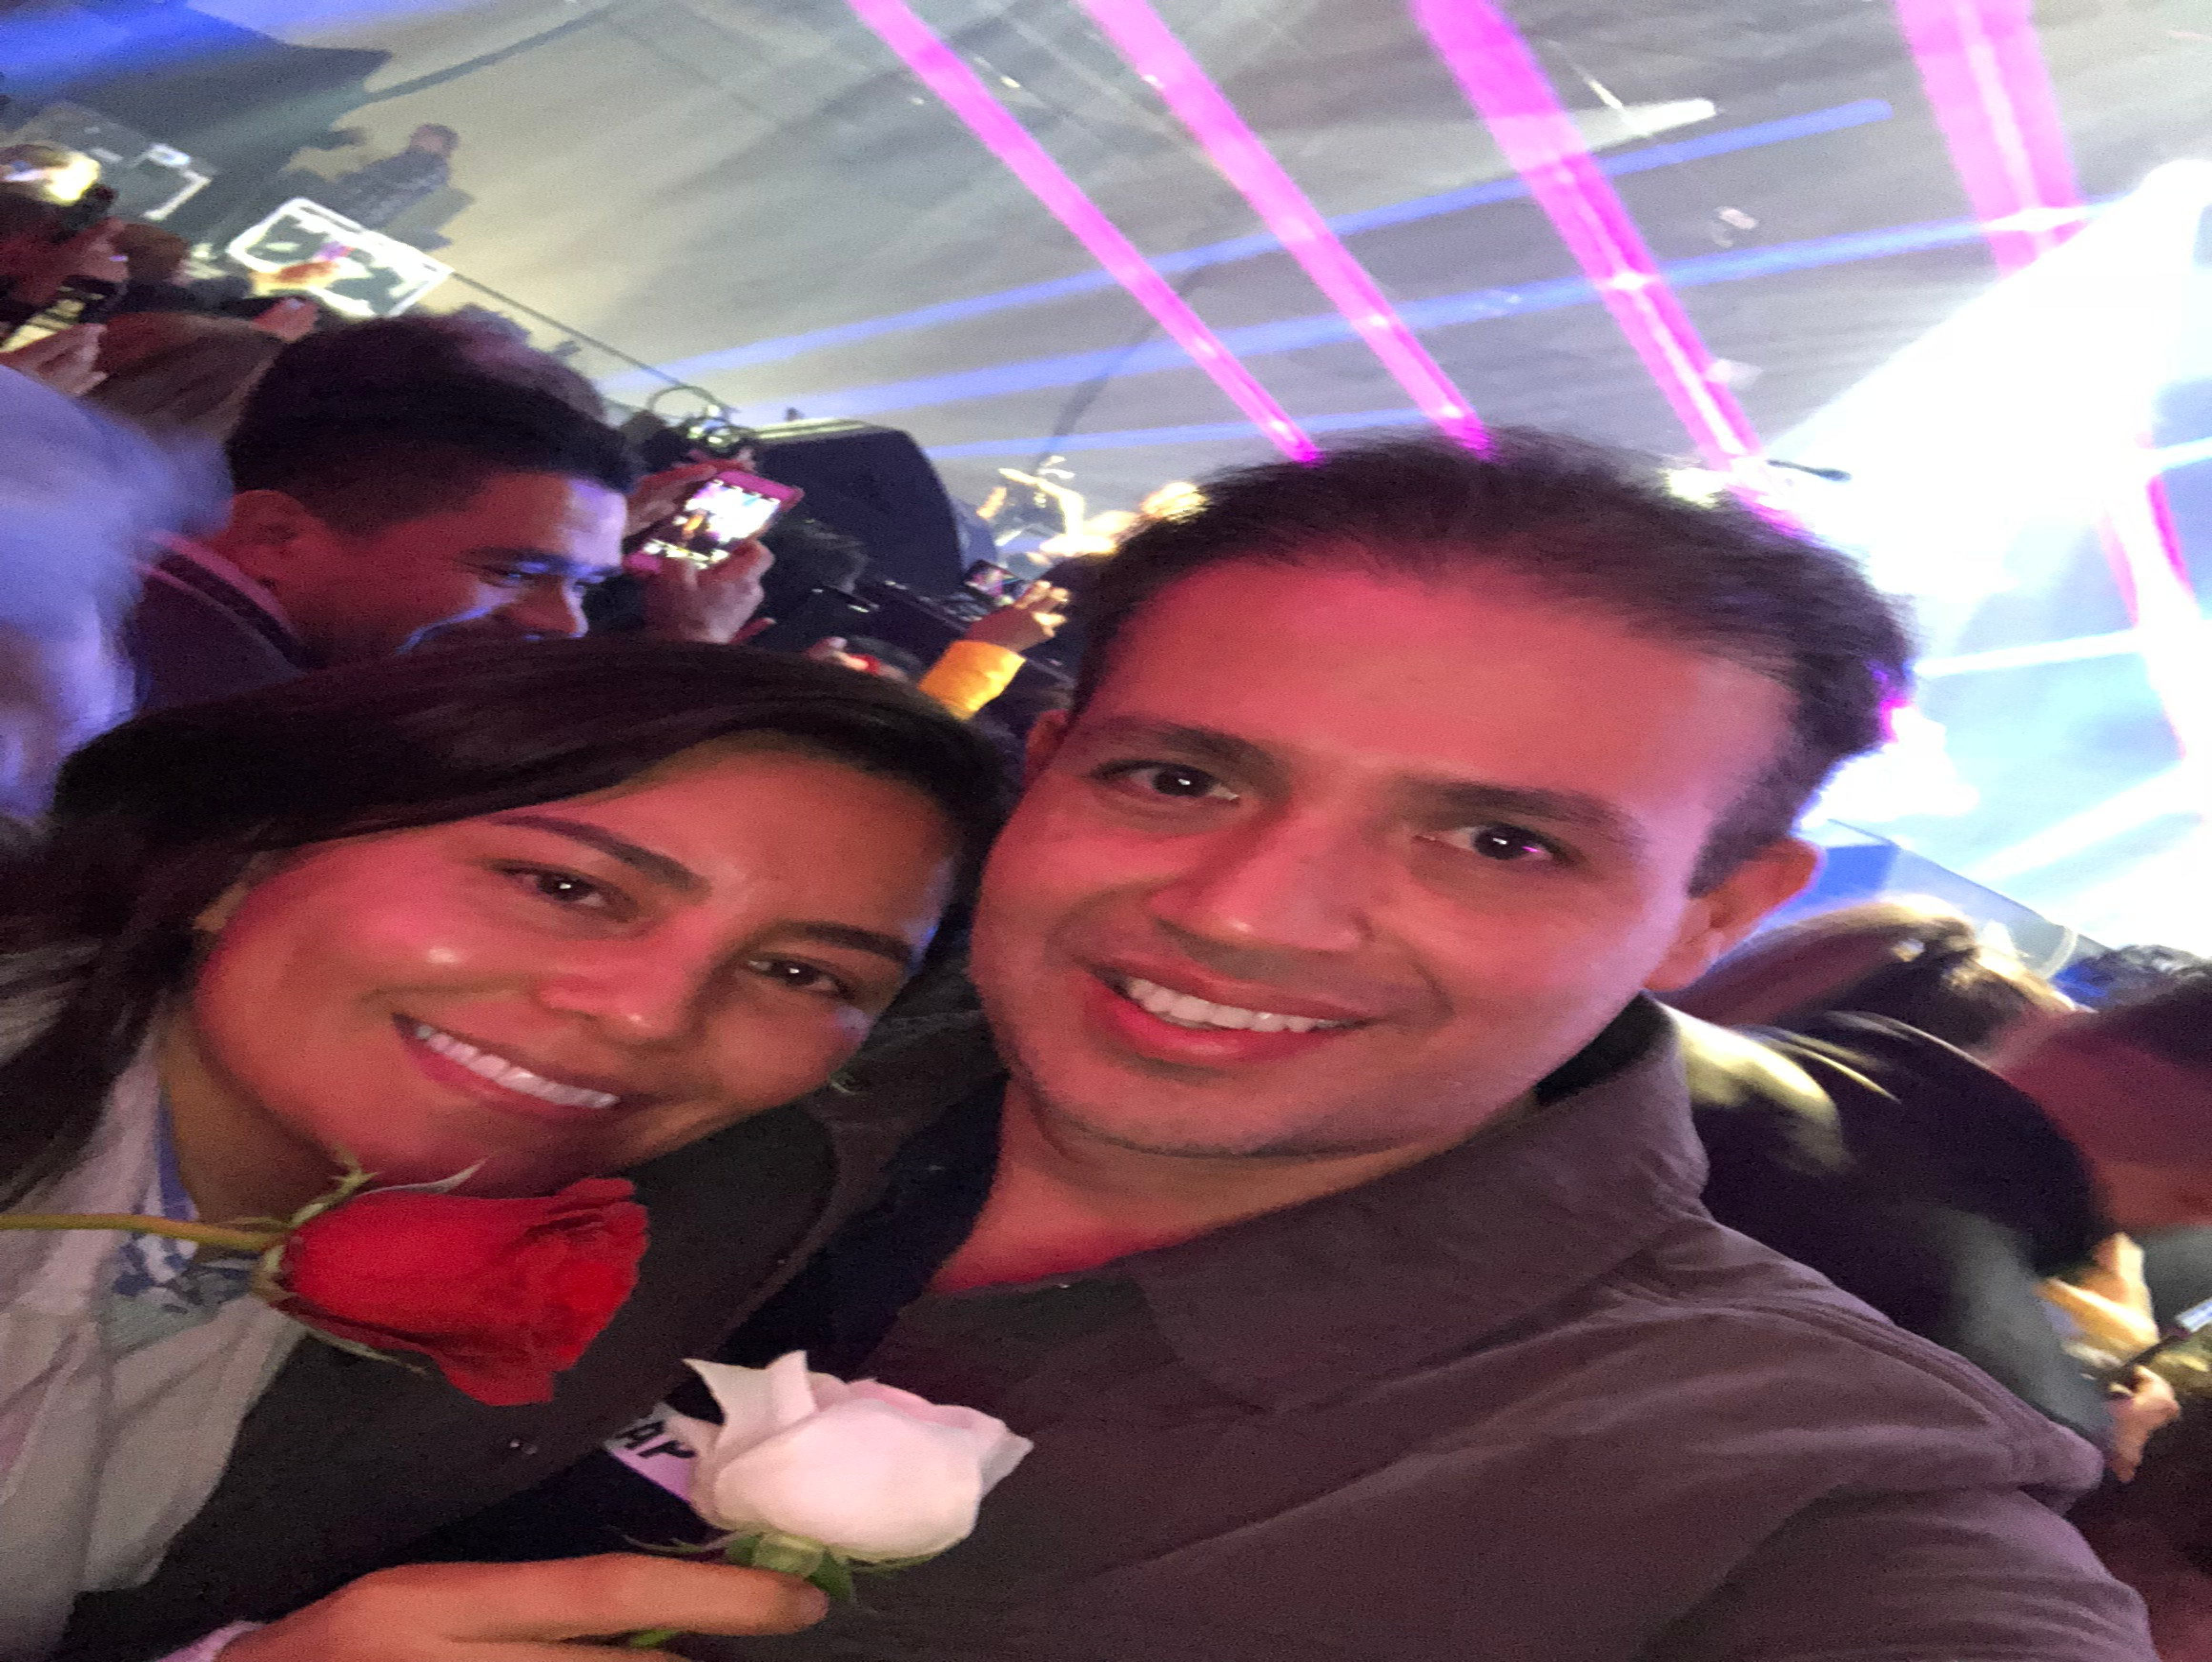 Noe Ramos Aparicio y Luz Maria Perez Ramirez - Concierto Querétaro - 17 de Noviembre de 2018